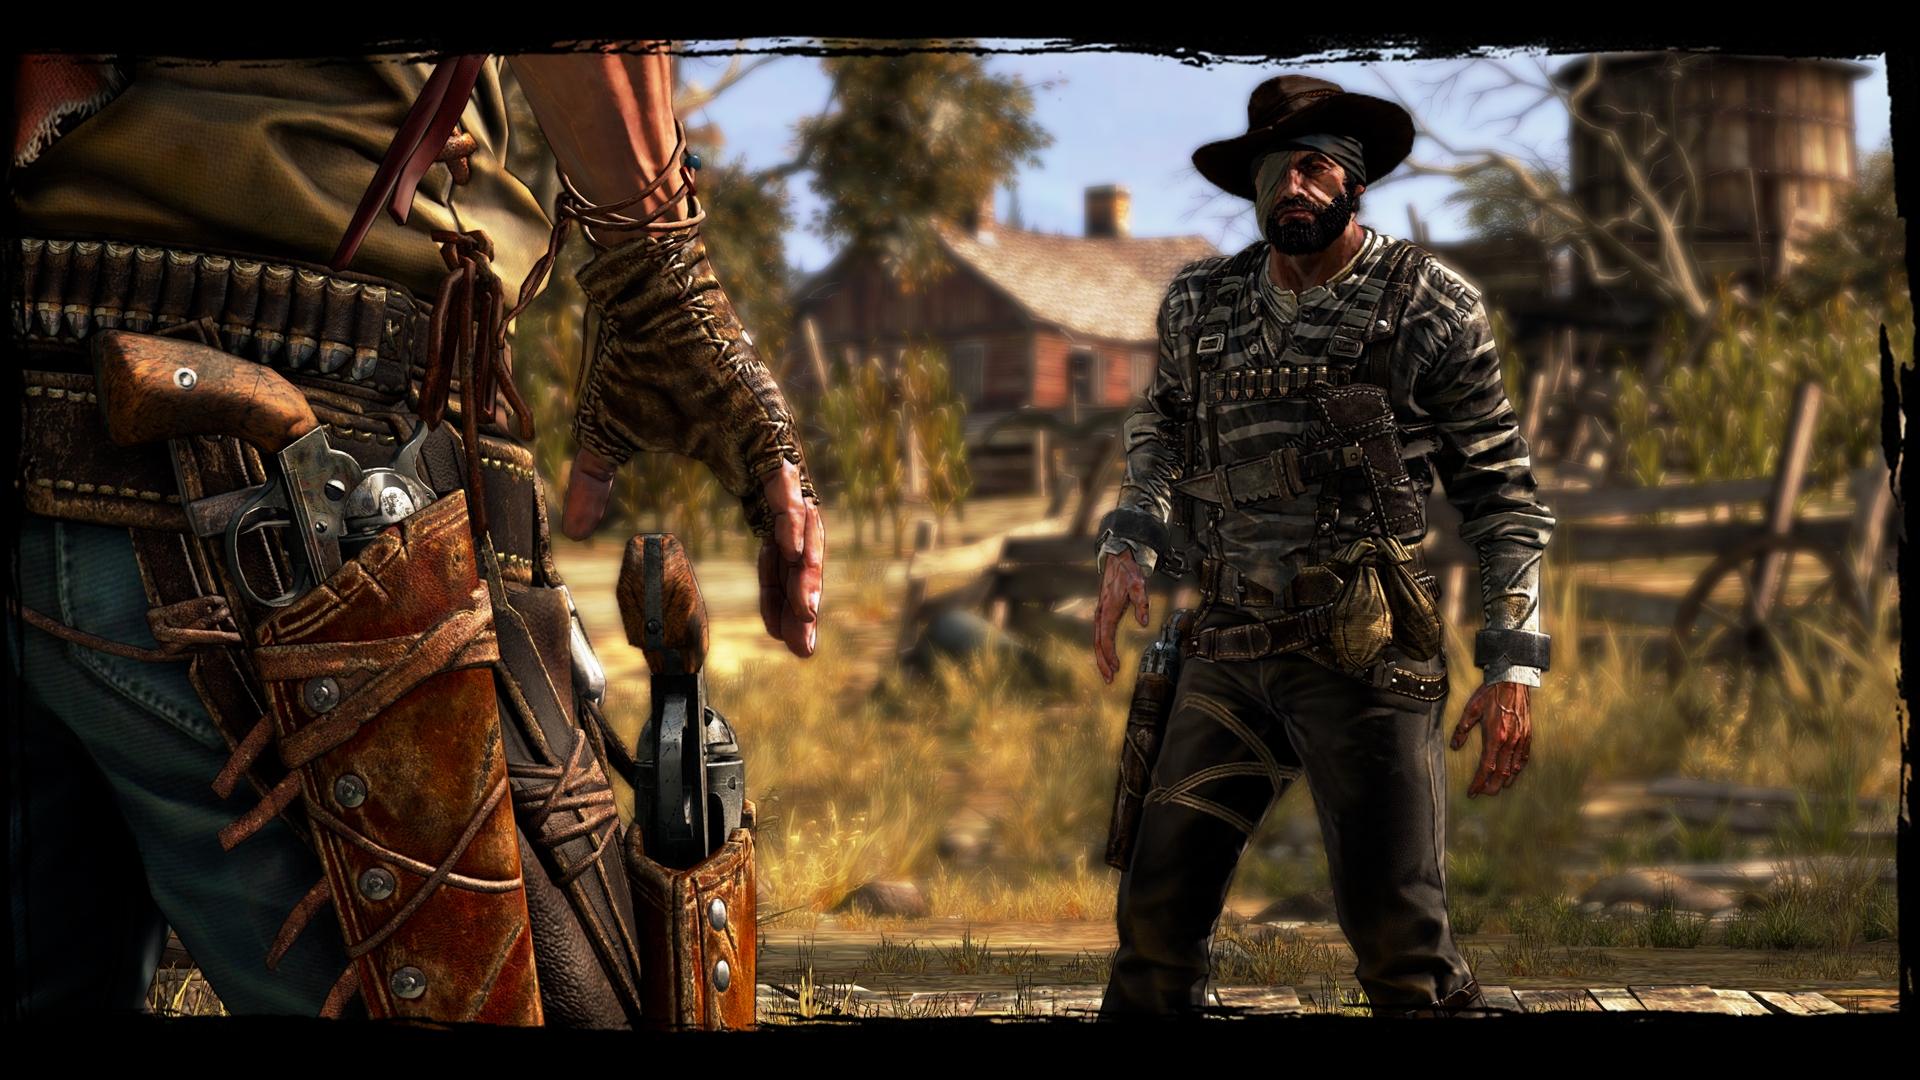 gunslinger pic 1